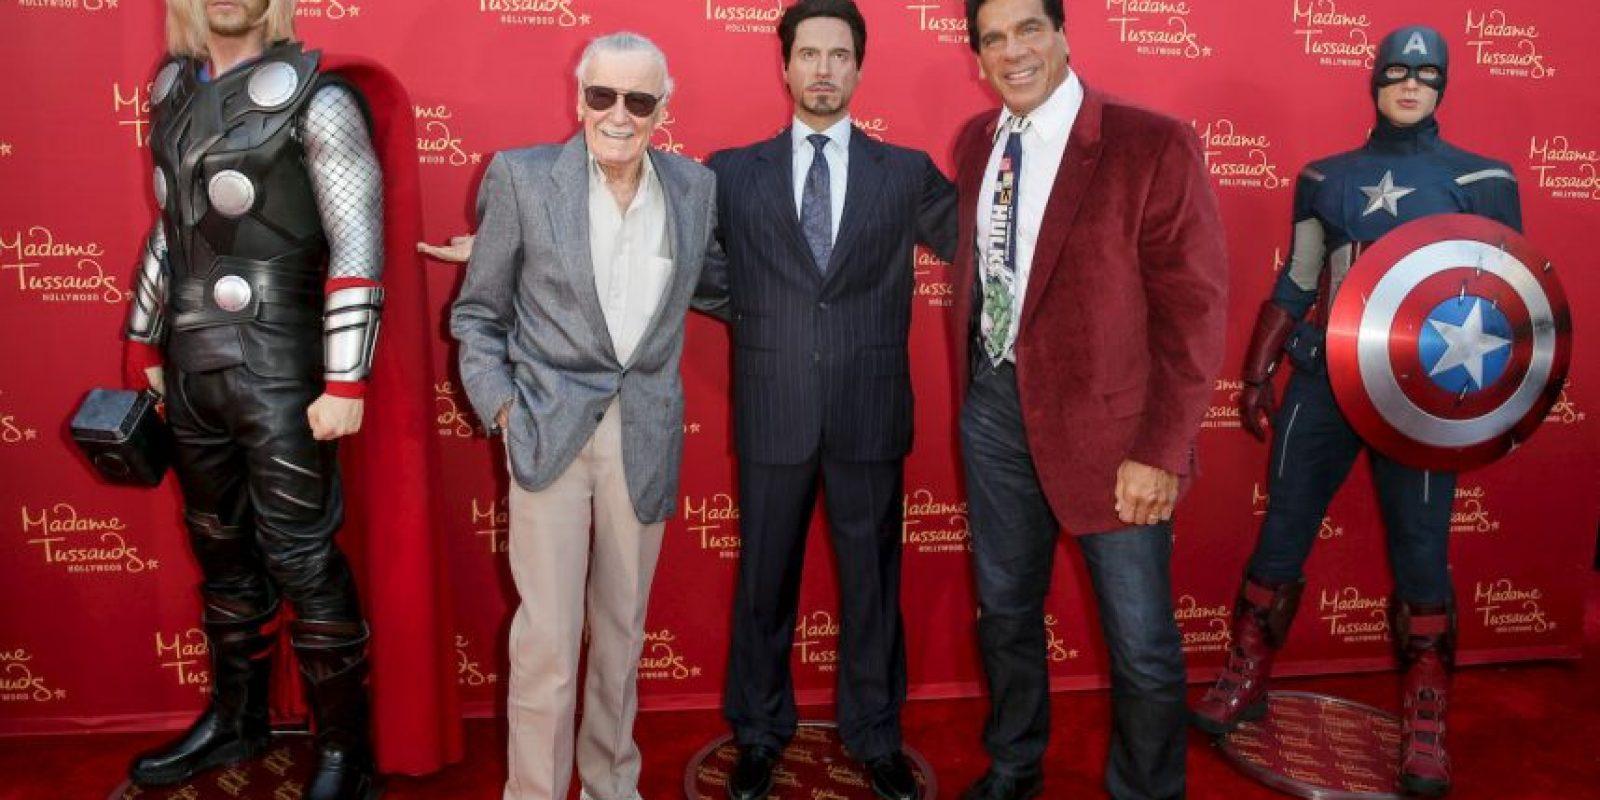 """Gracias al éxito de los """"Avengers"""" se ha convertido en el productor más exitoso del cine estadounidense. Foto:Getty Images"""